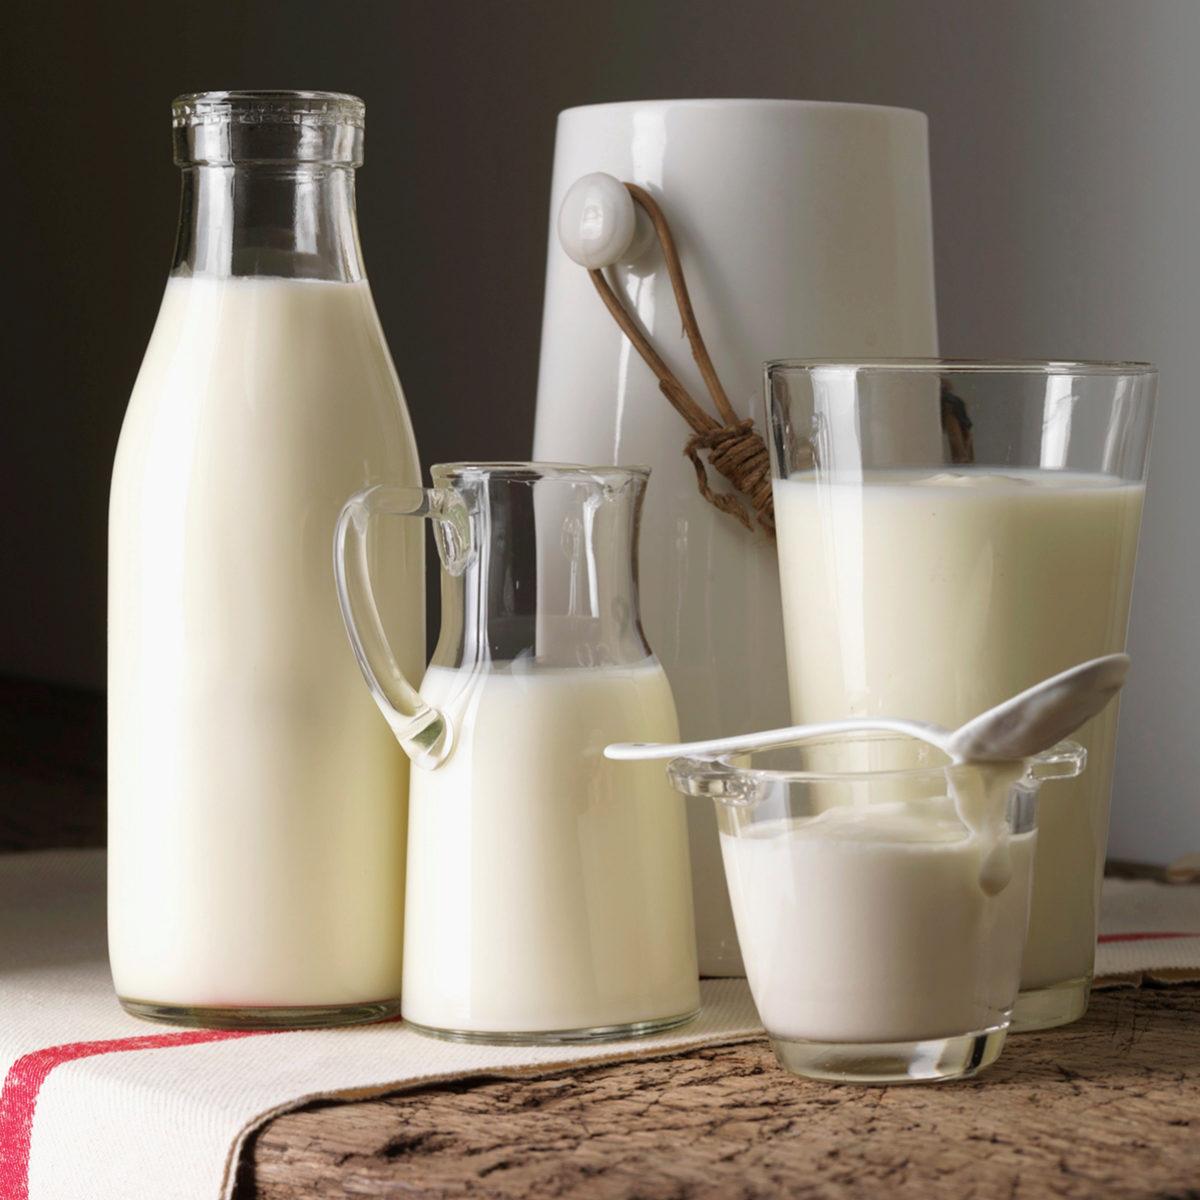 La leche es esencial en una dieta equilibrada.